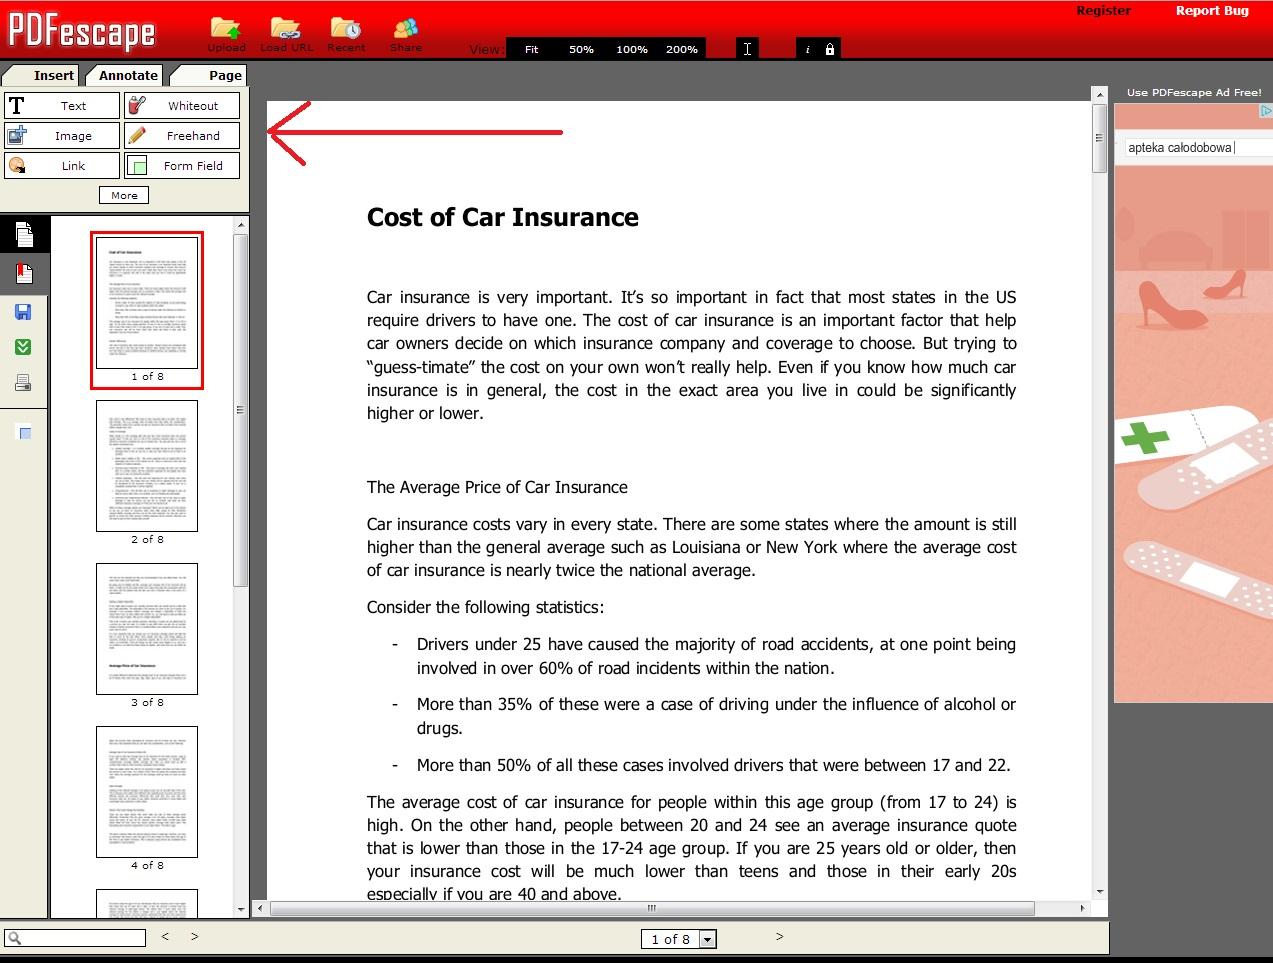 edytowanie dokumentu pdf